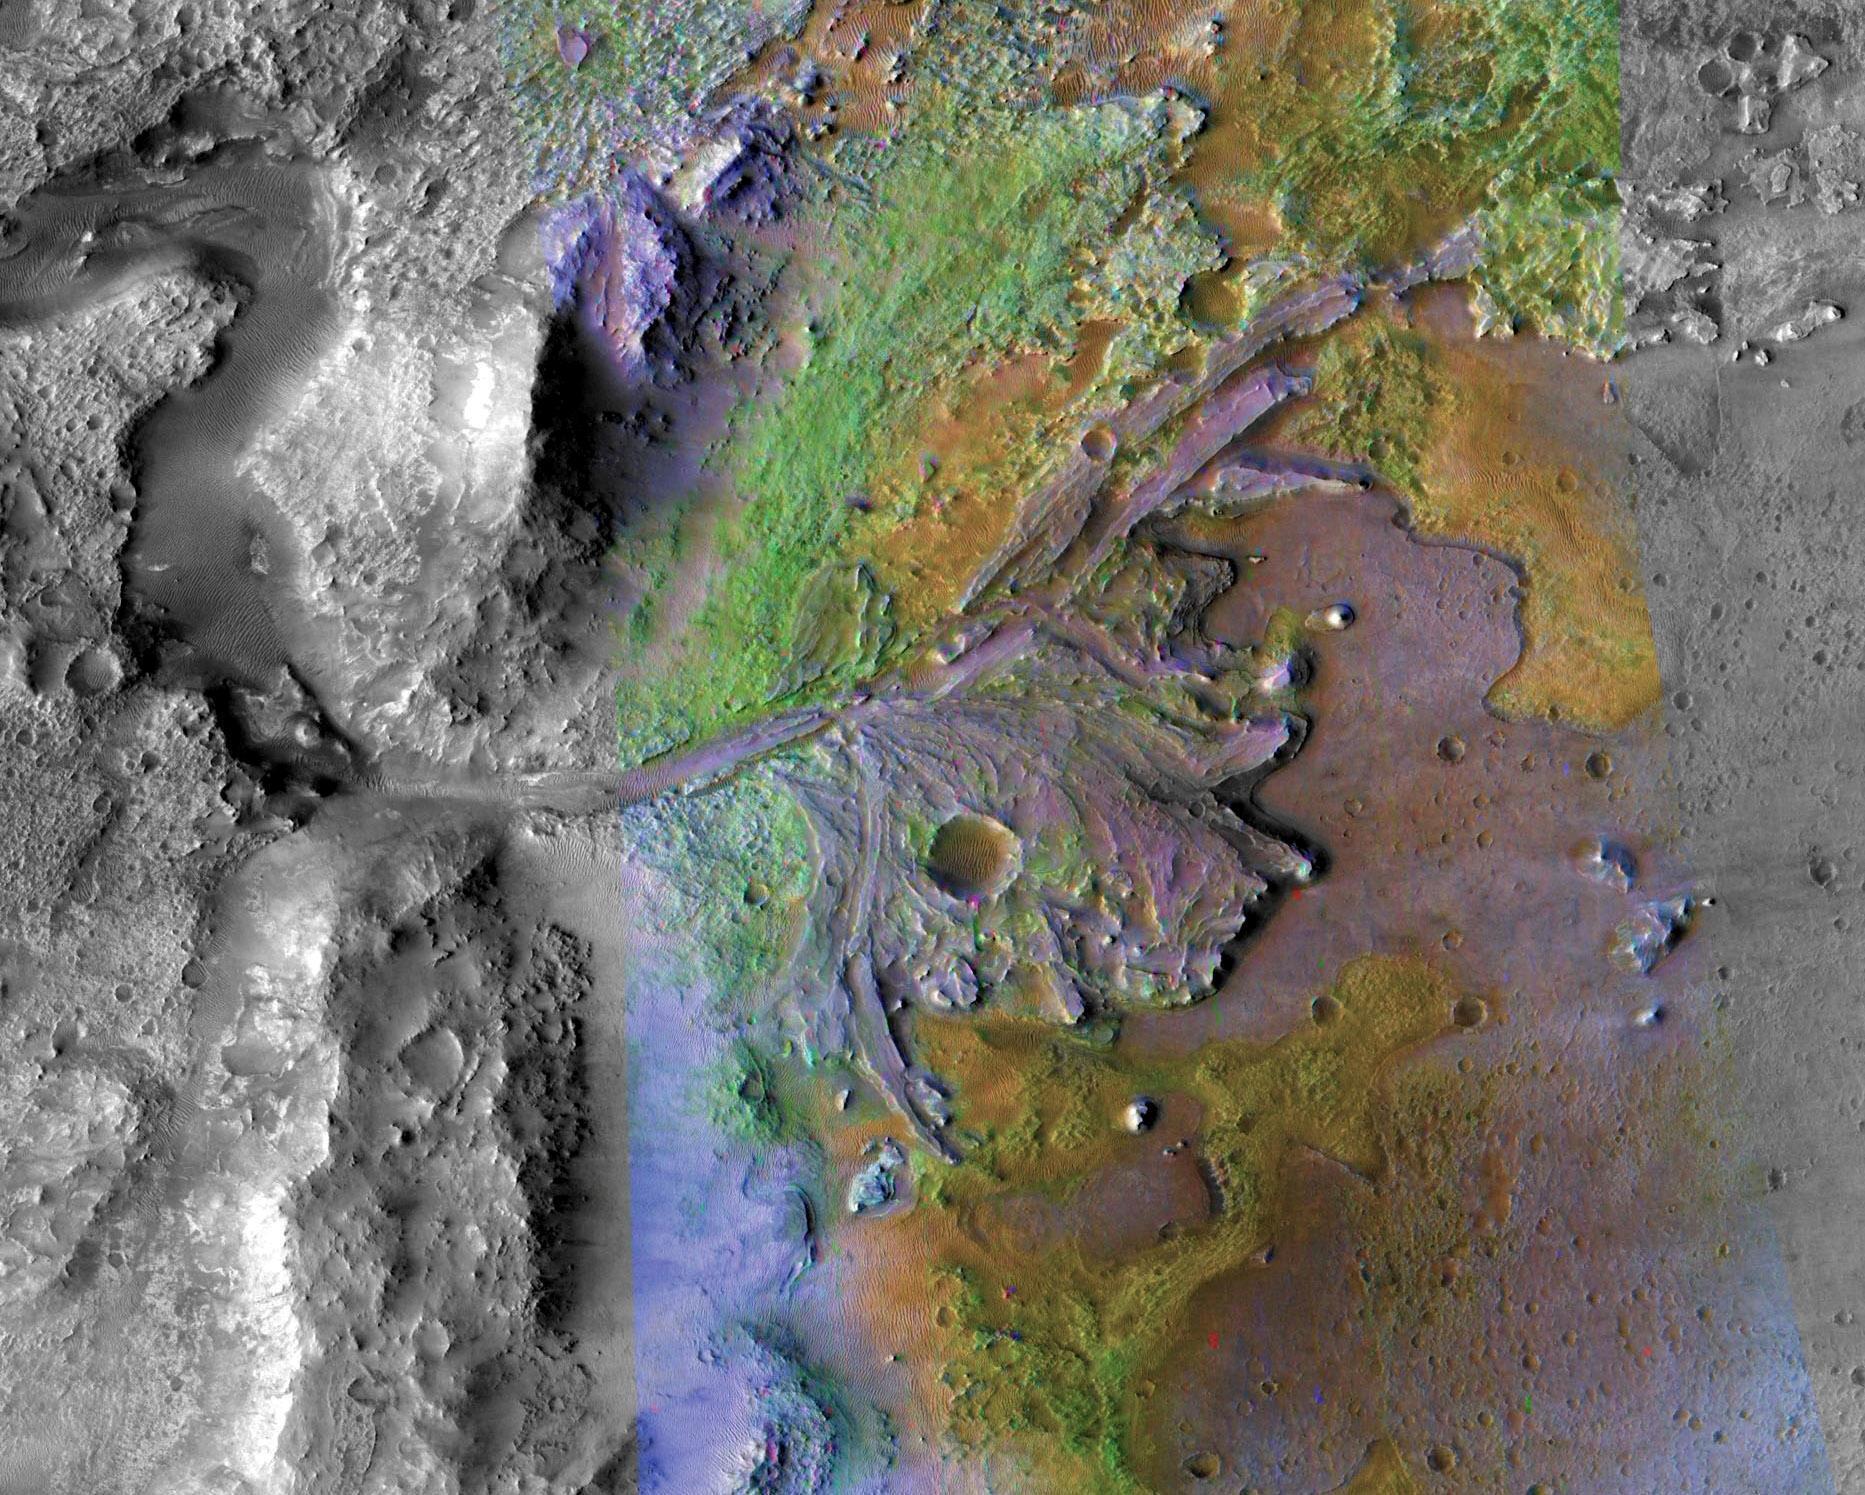 Le cratère Jezero sur Mars identifié comme un site d'atterrissage potentiel pour le Mars 2020 Rover, dans cette image en fausses couleurs prise par Mars Reconnaissance Orbiter de la NASA / JPL-Cal